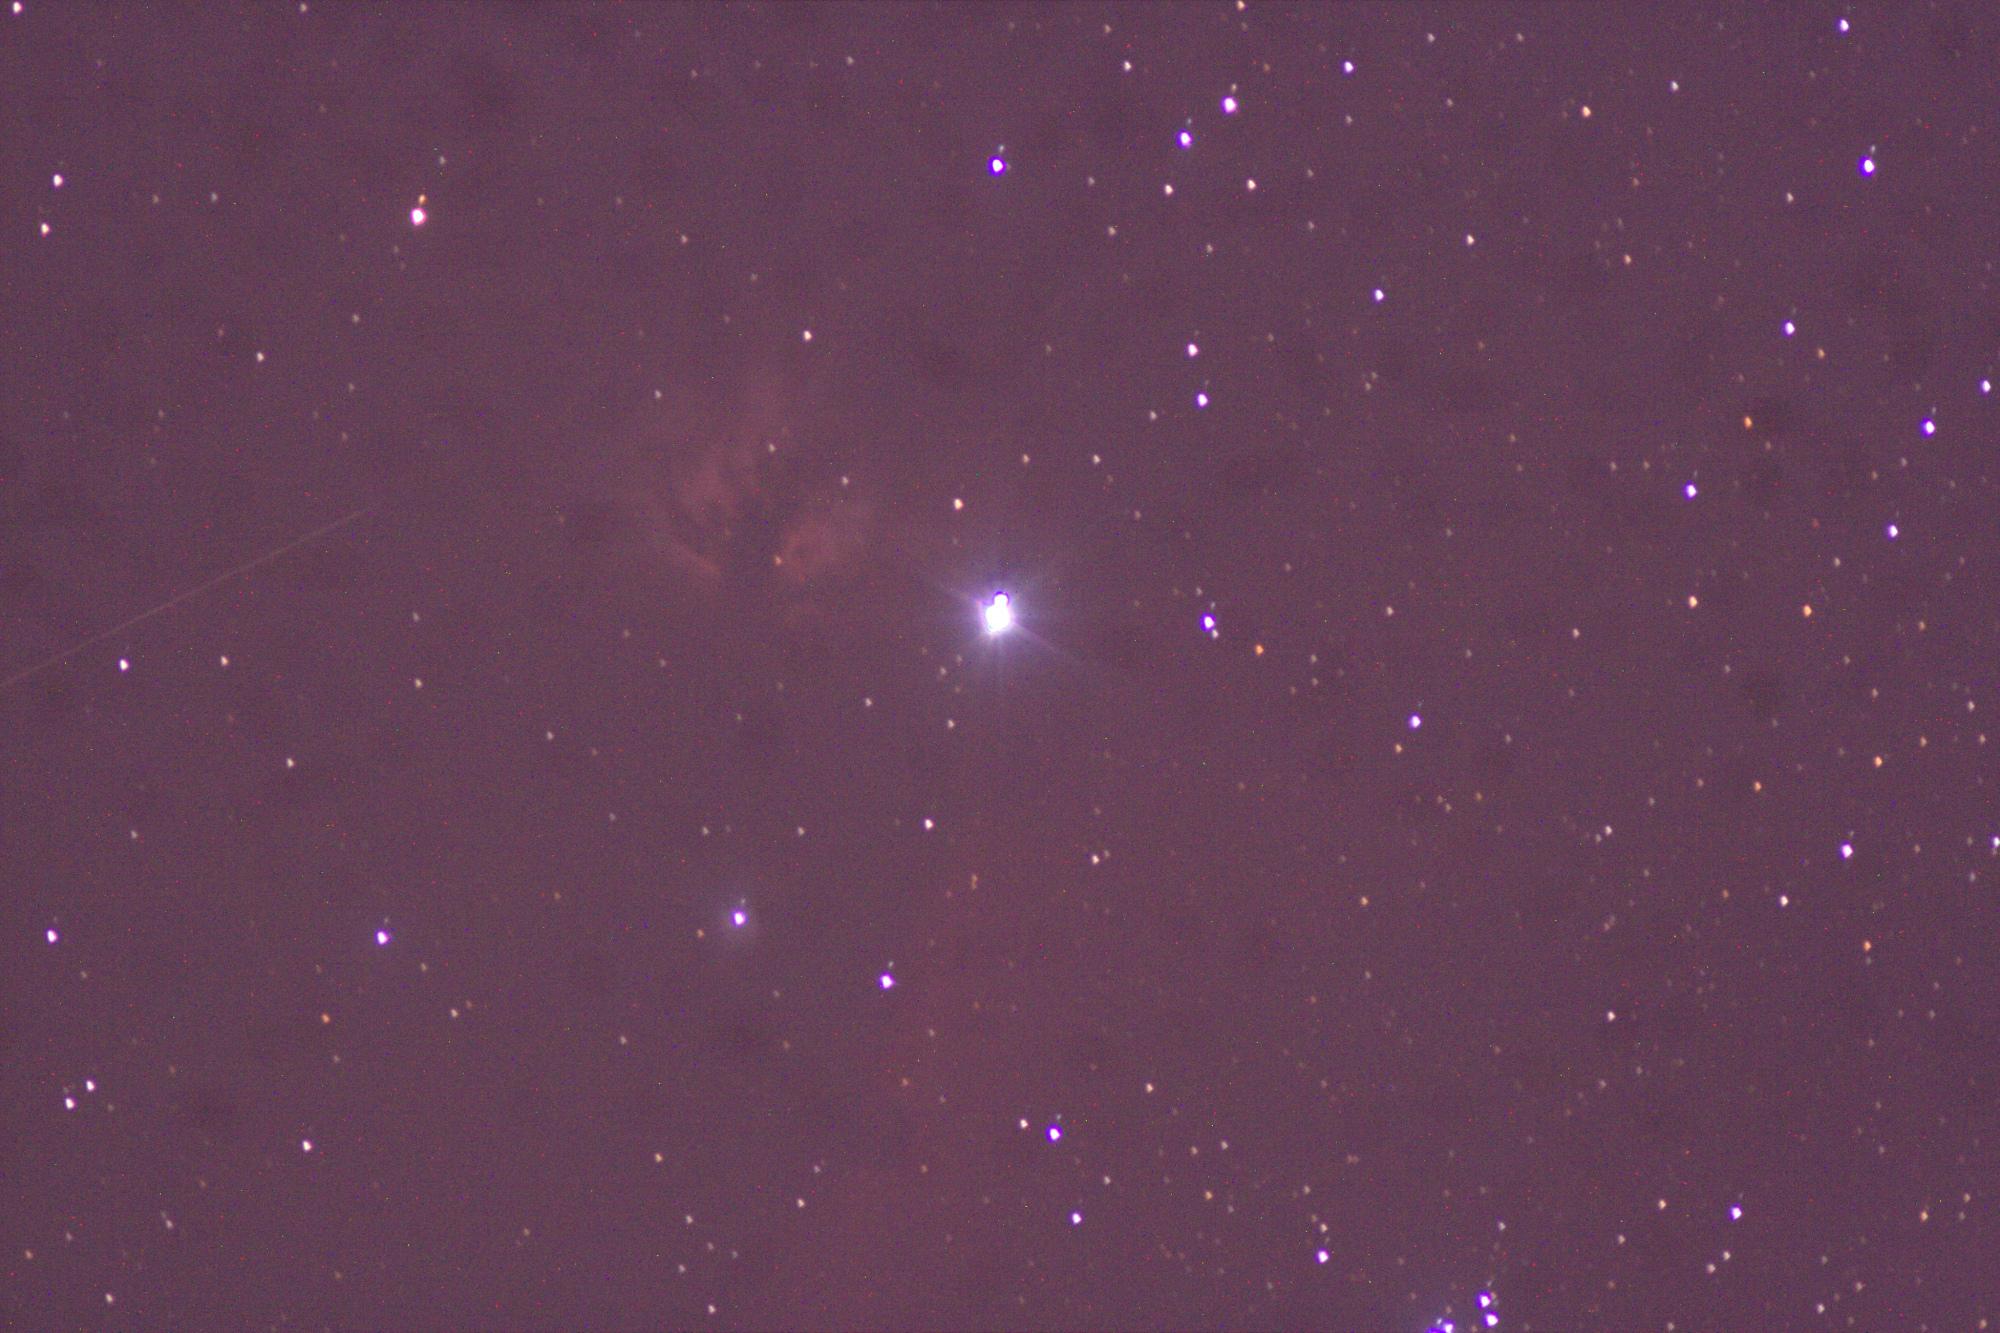 5c65509b50580_NGC20241.thumb.jpg.961f6629595079270a207680b7a3c43c.jpg